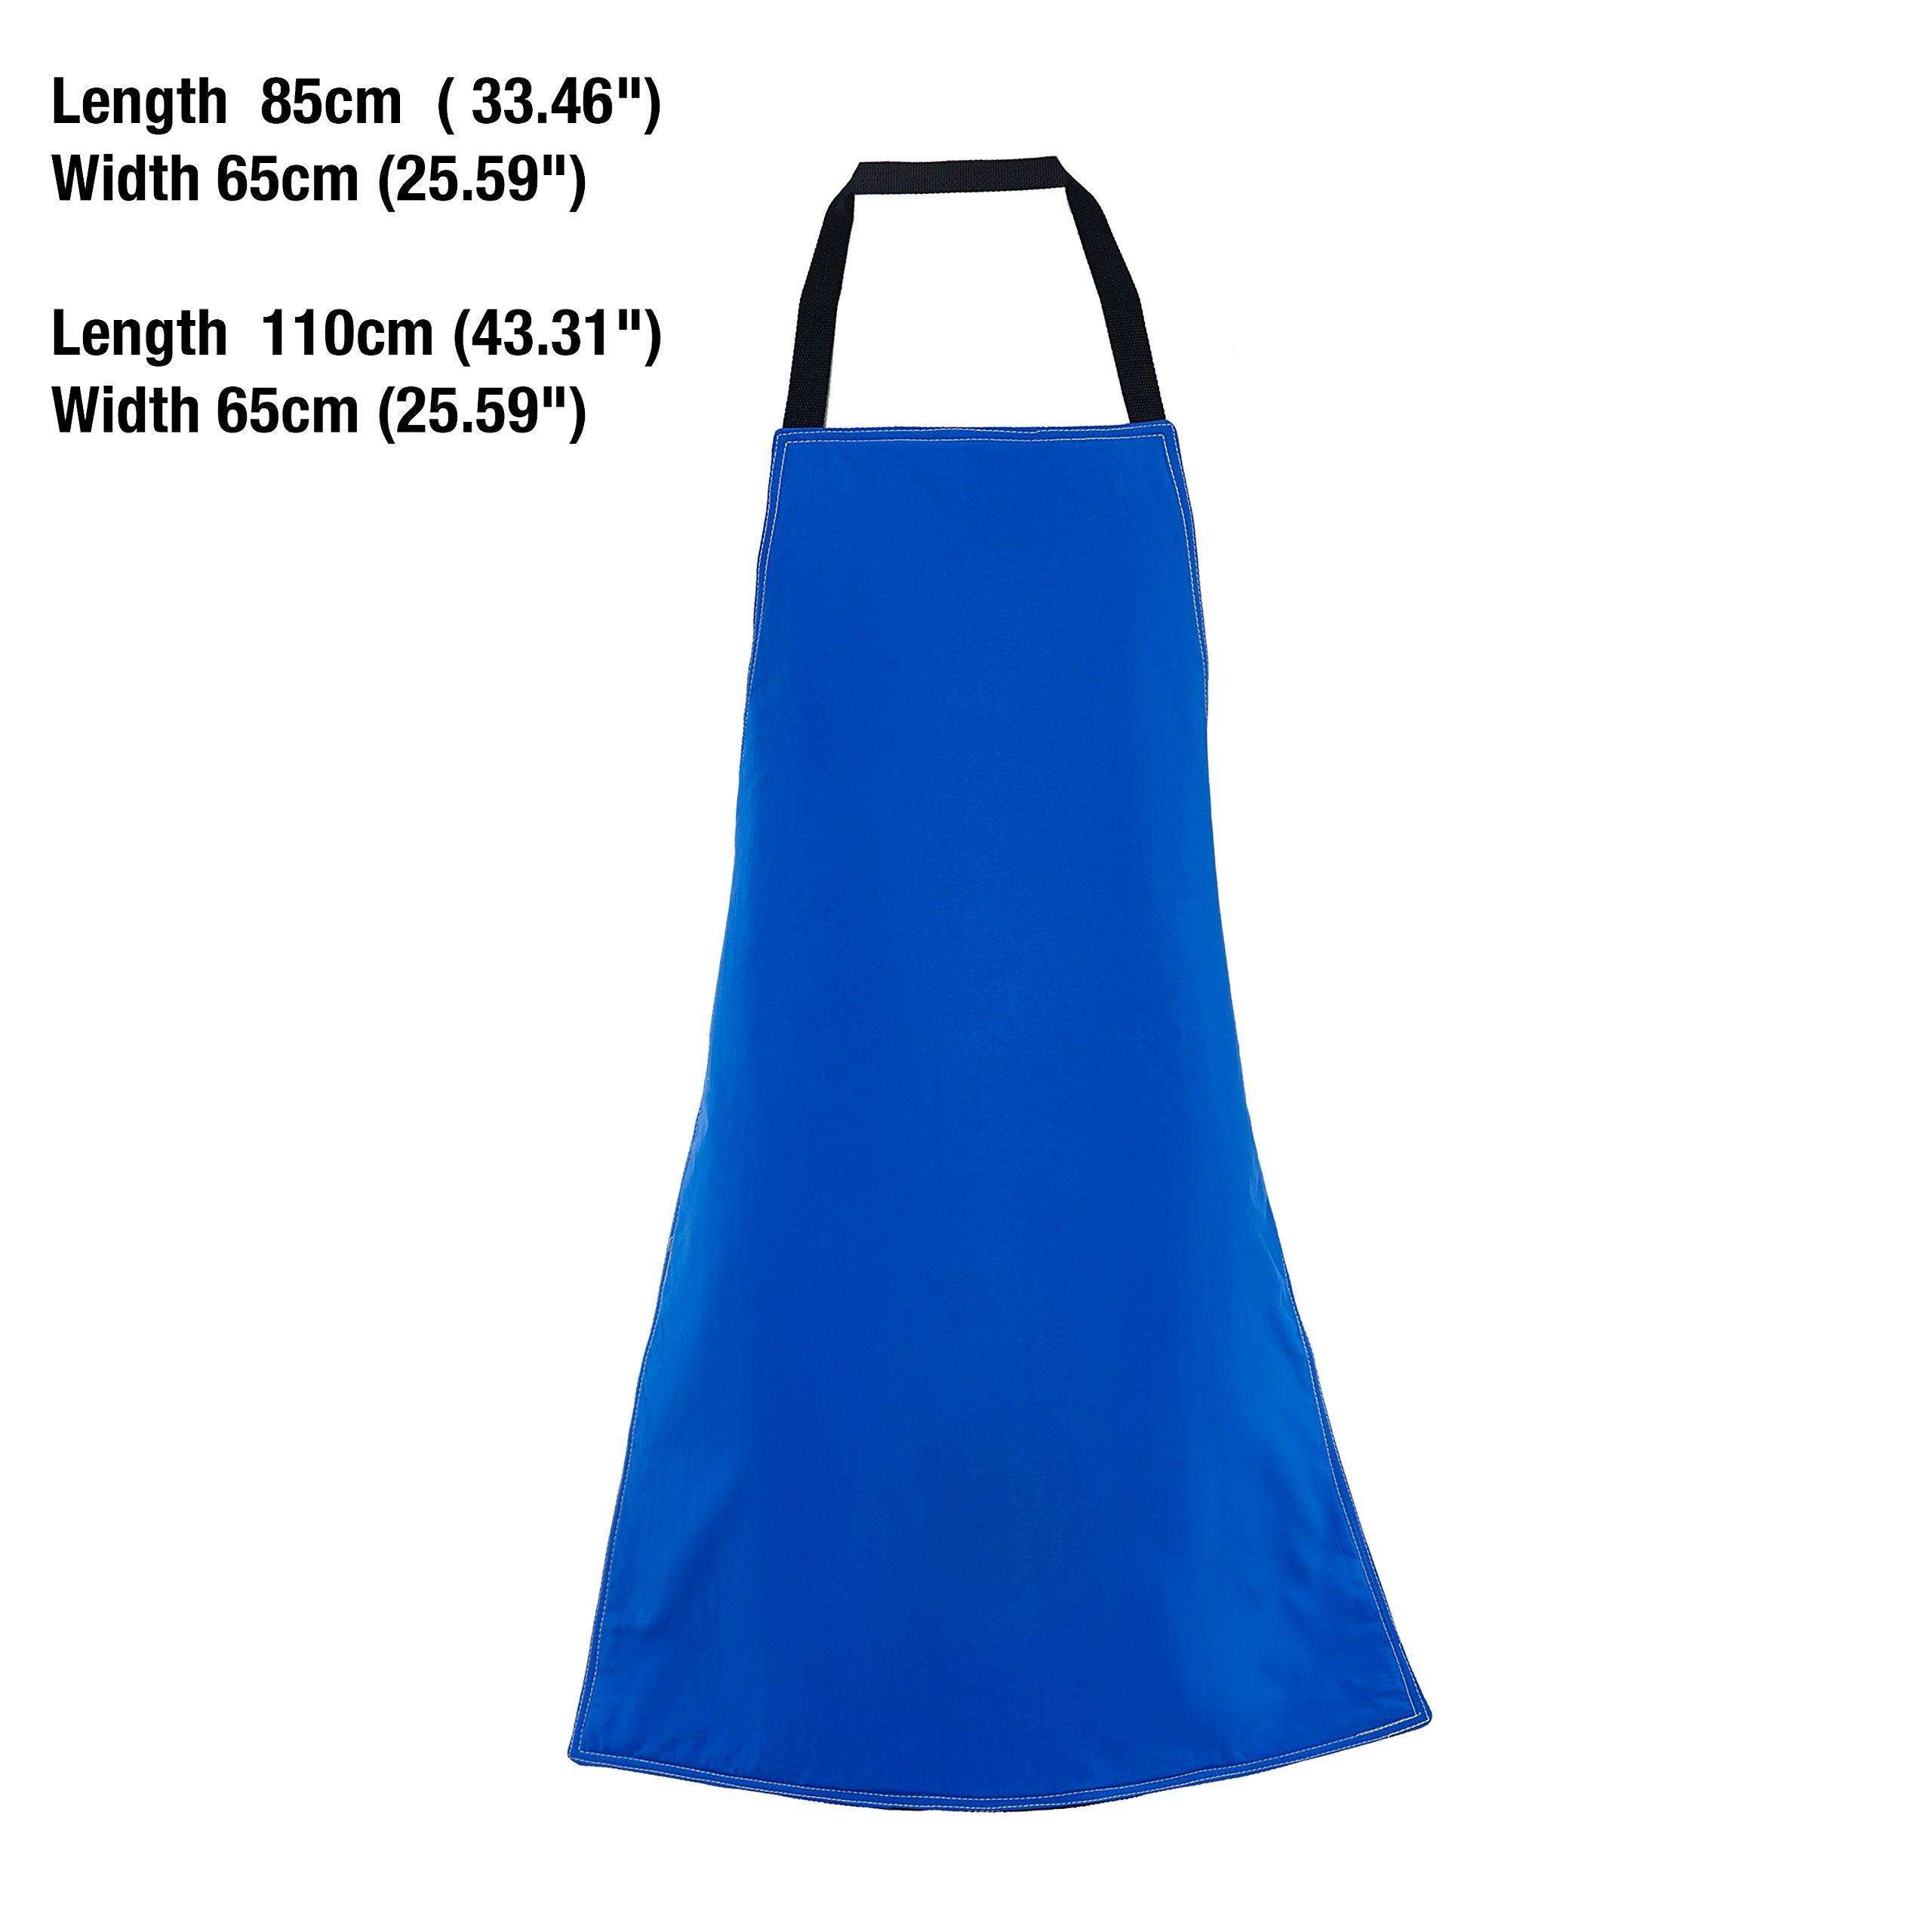 Holulo Safety Cryo-Apron Cryogenic Apron Nitrogen Working Suit 33'' Length x 26'' (L) by Holulo (Image #2)